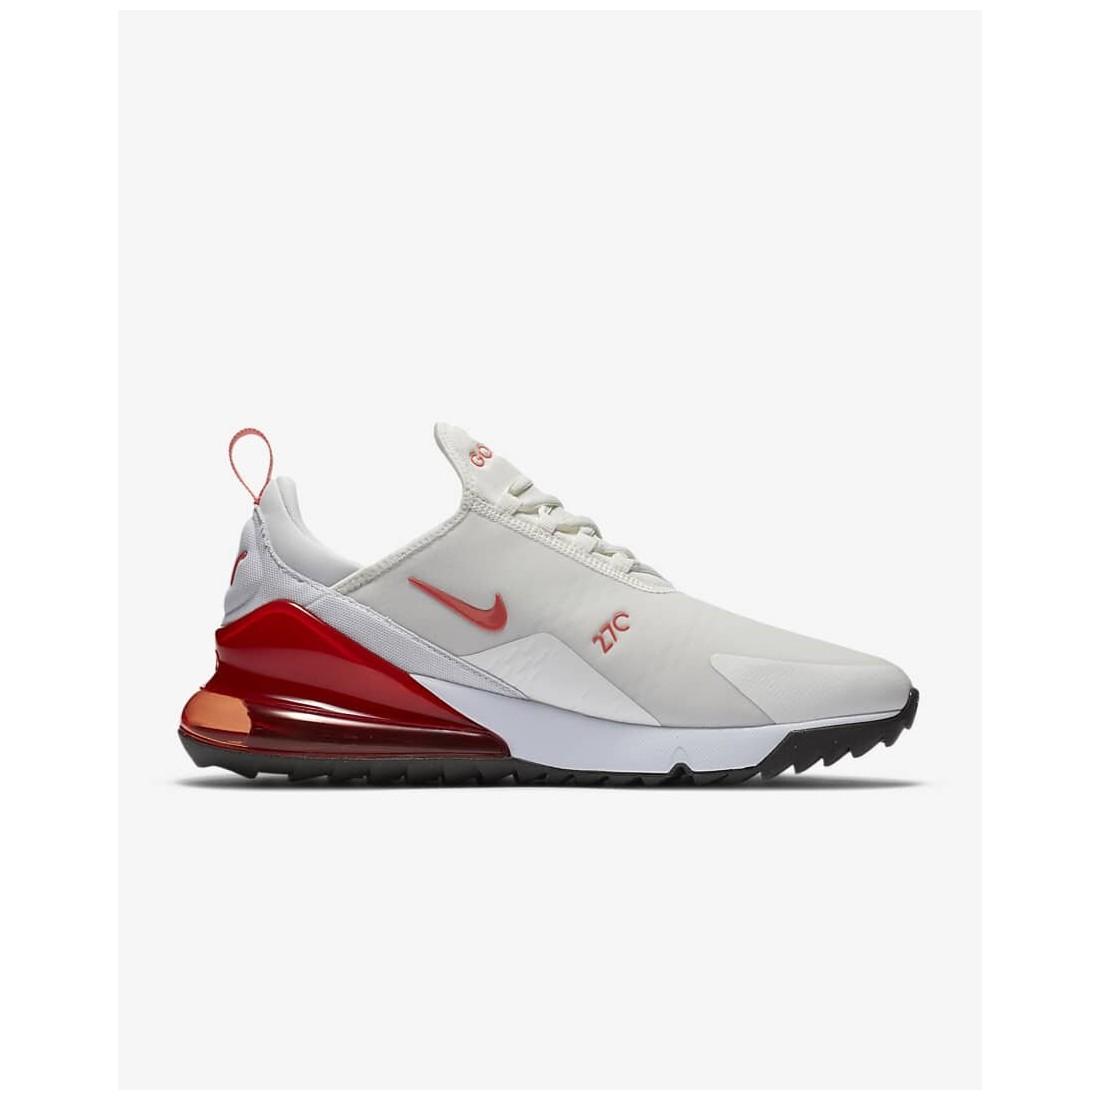 les chaussures air max 270